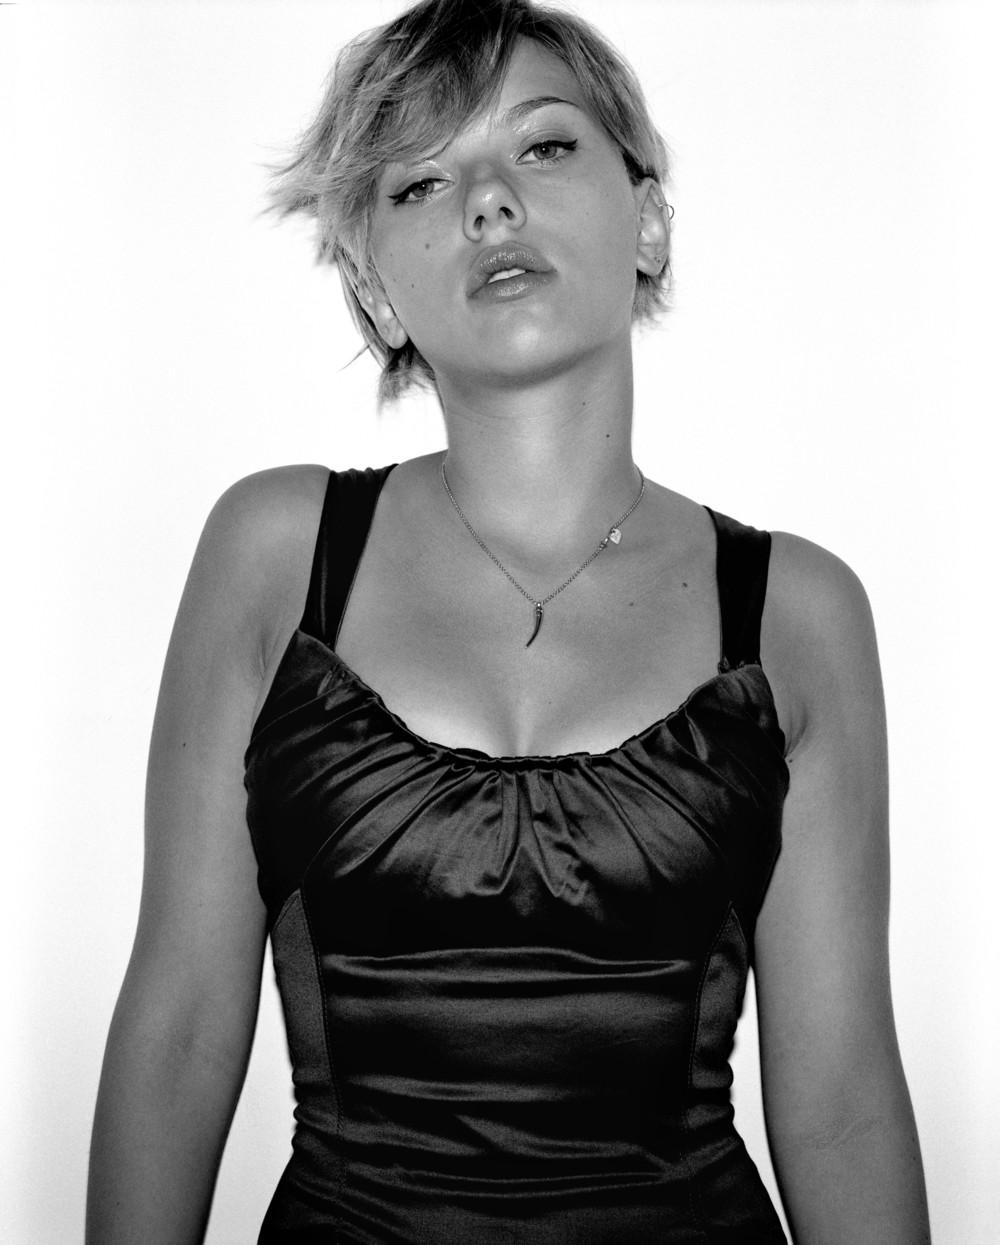 Scarlett_025.jpg